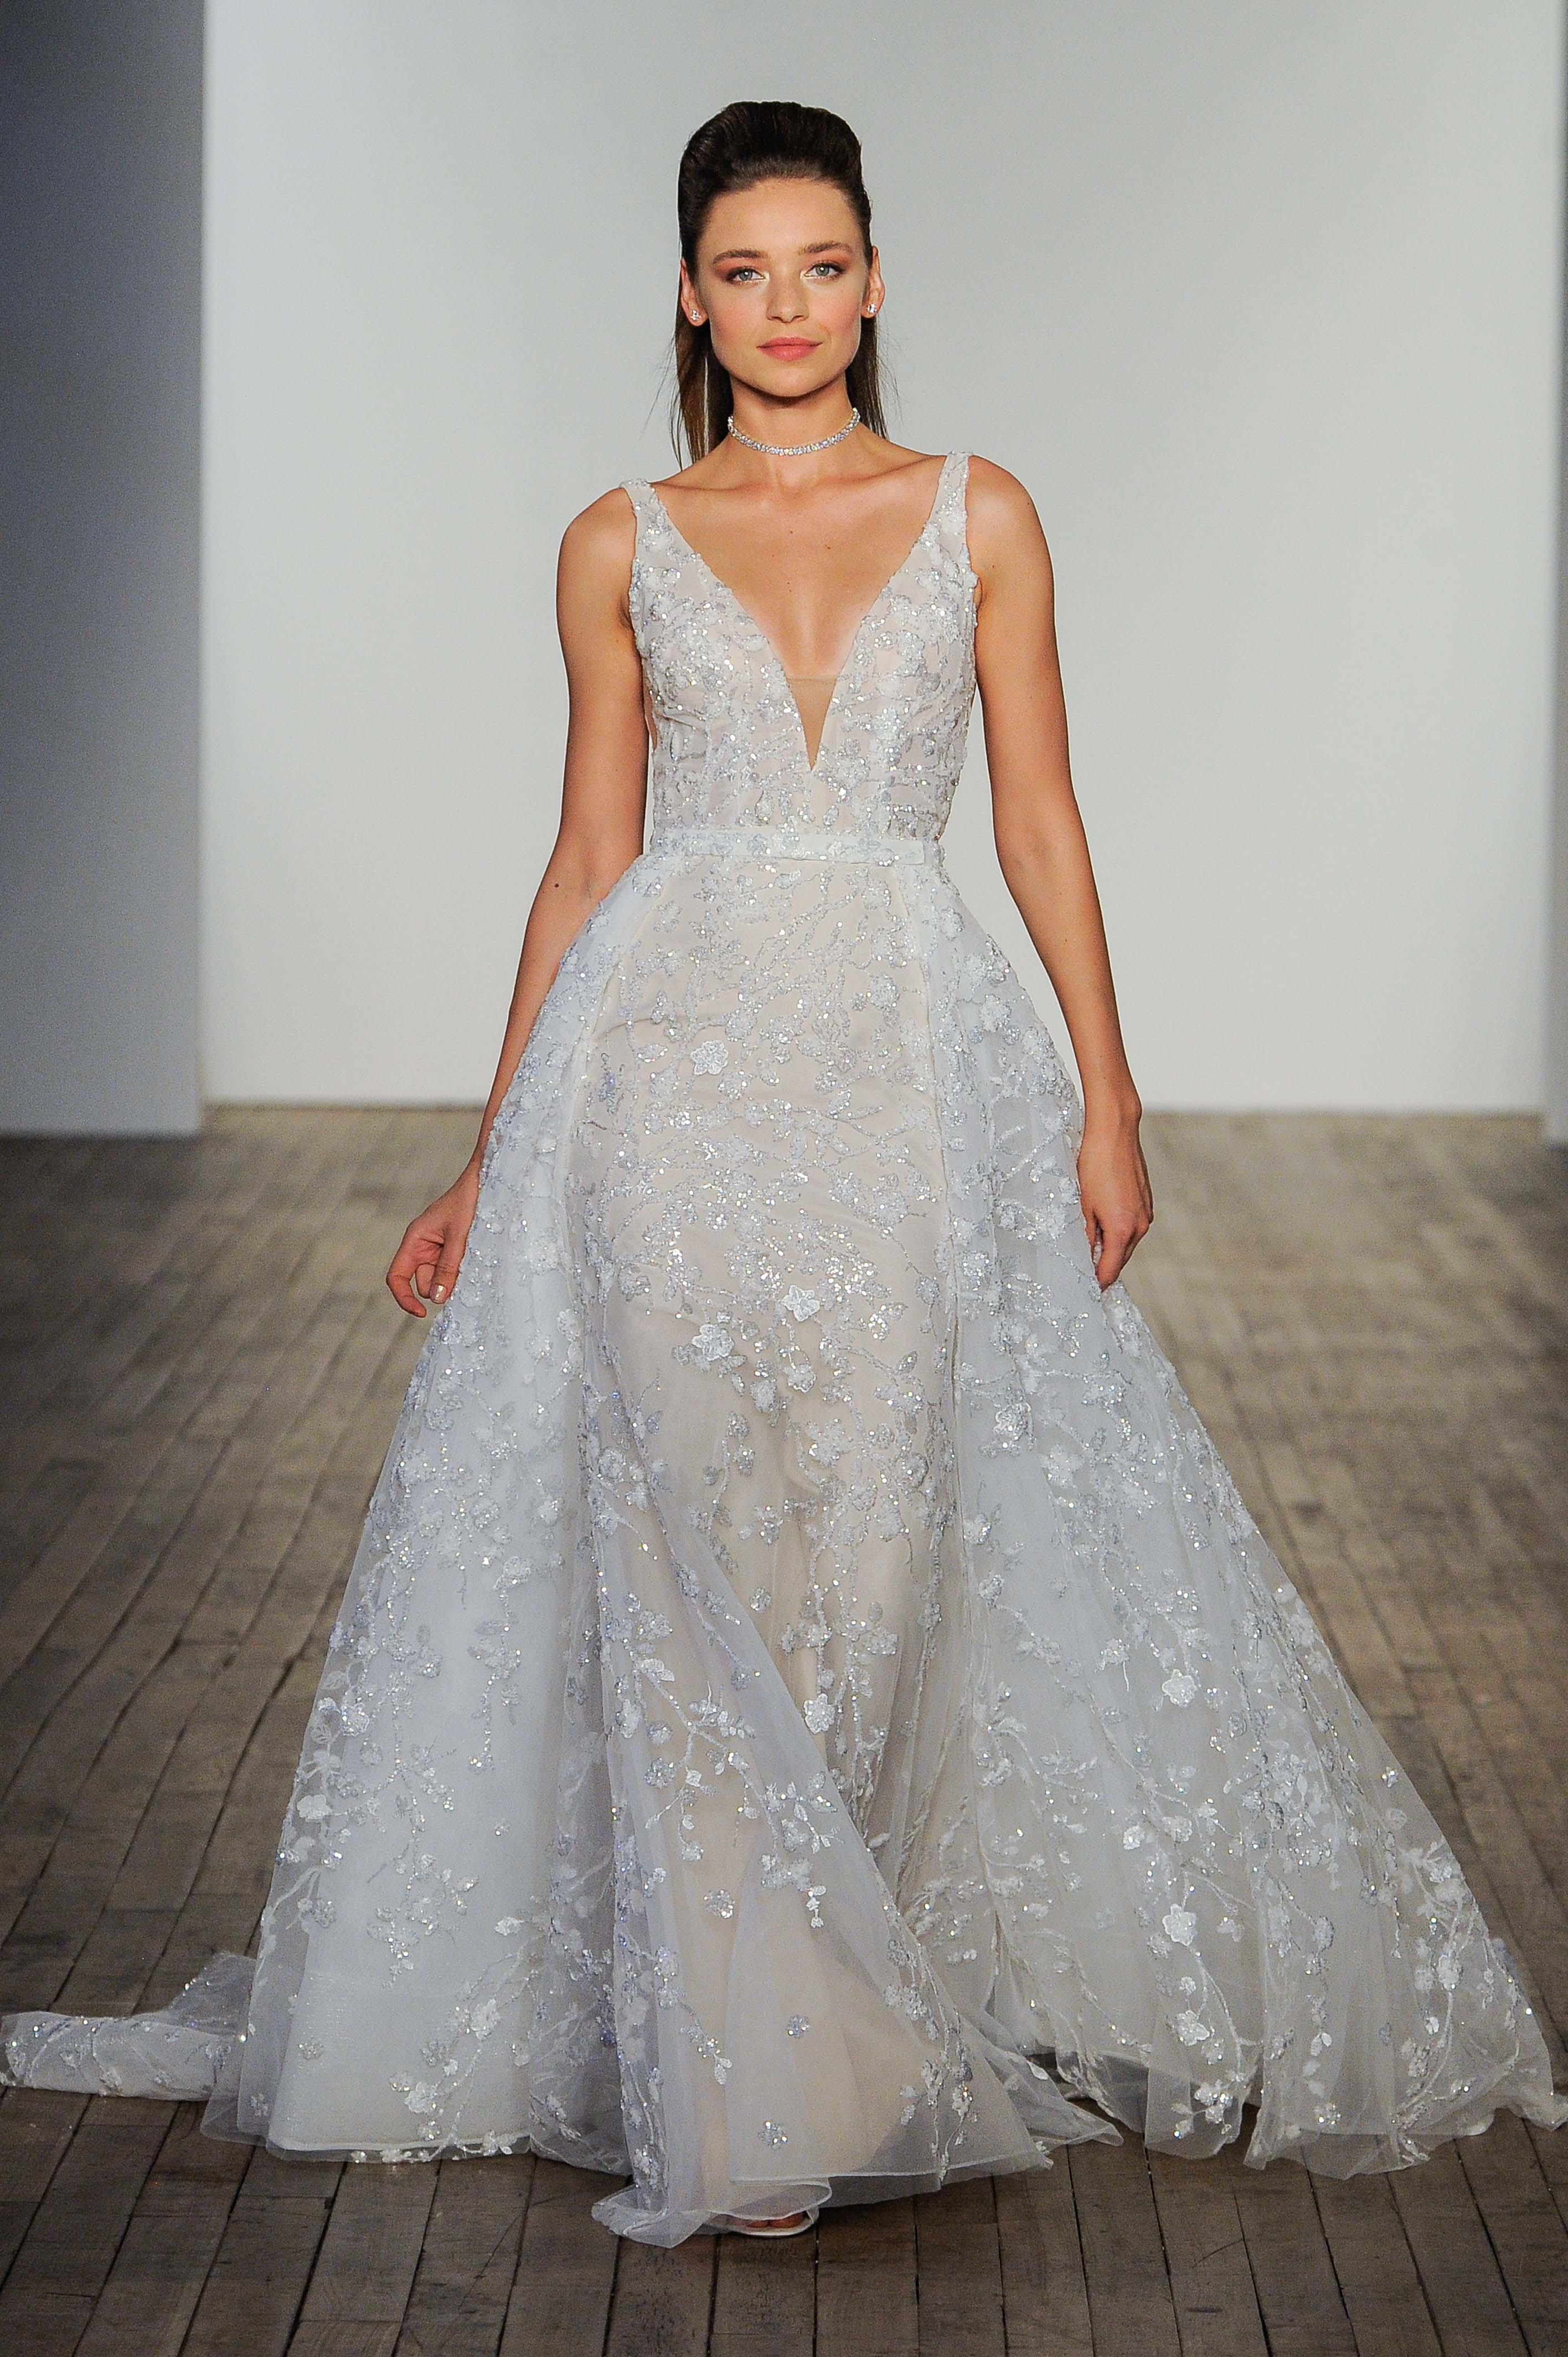 Allison Webb Bridal Fall 2020